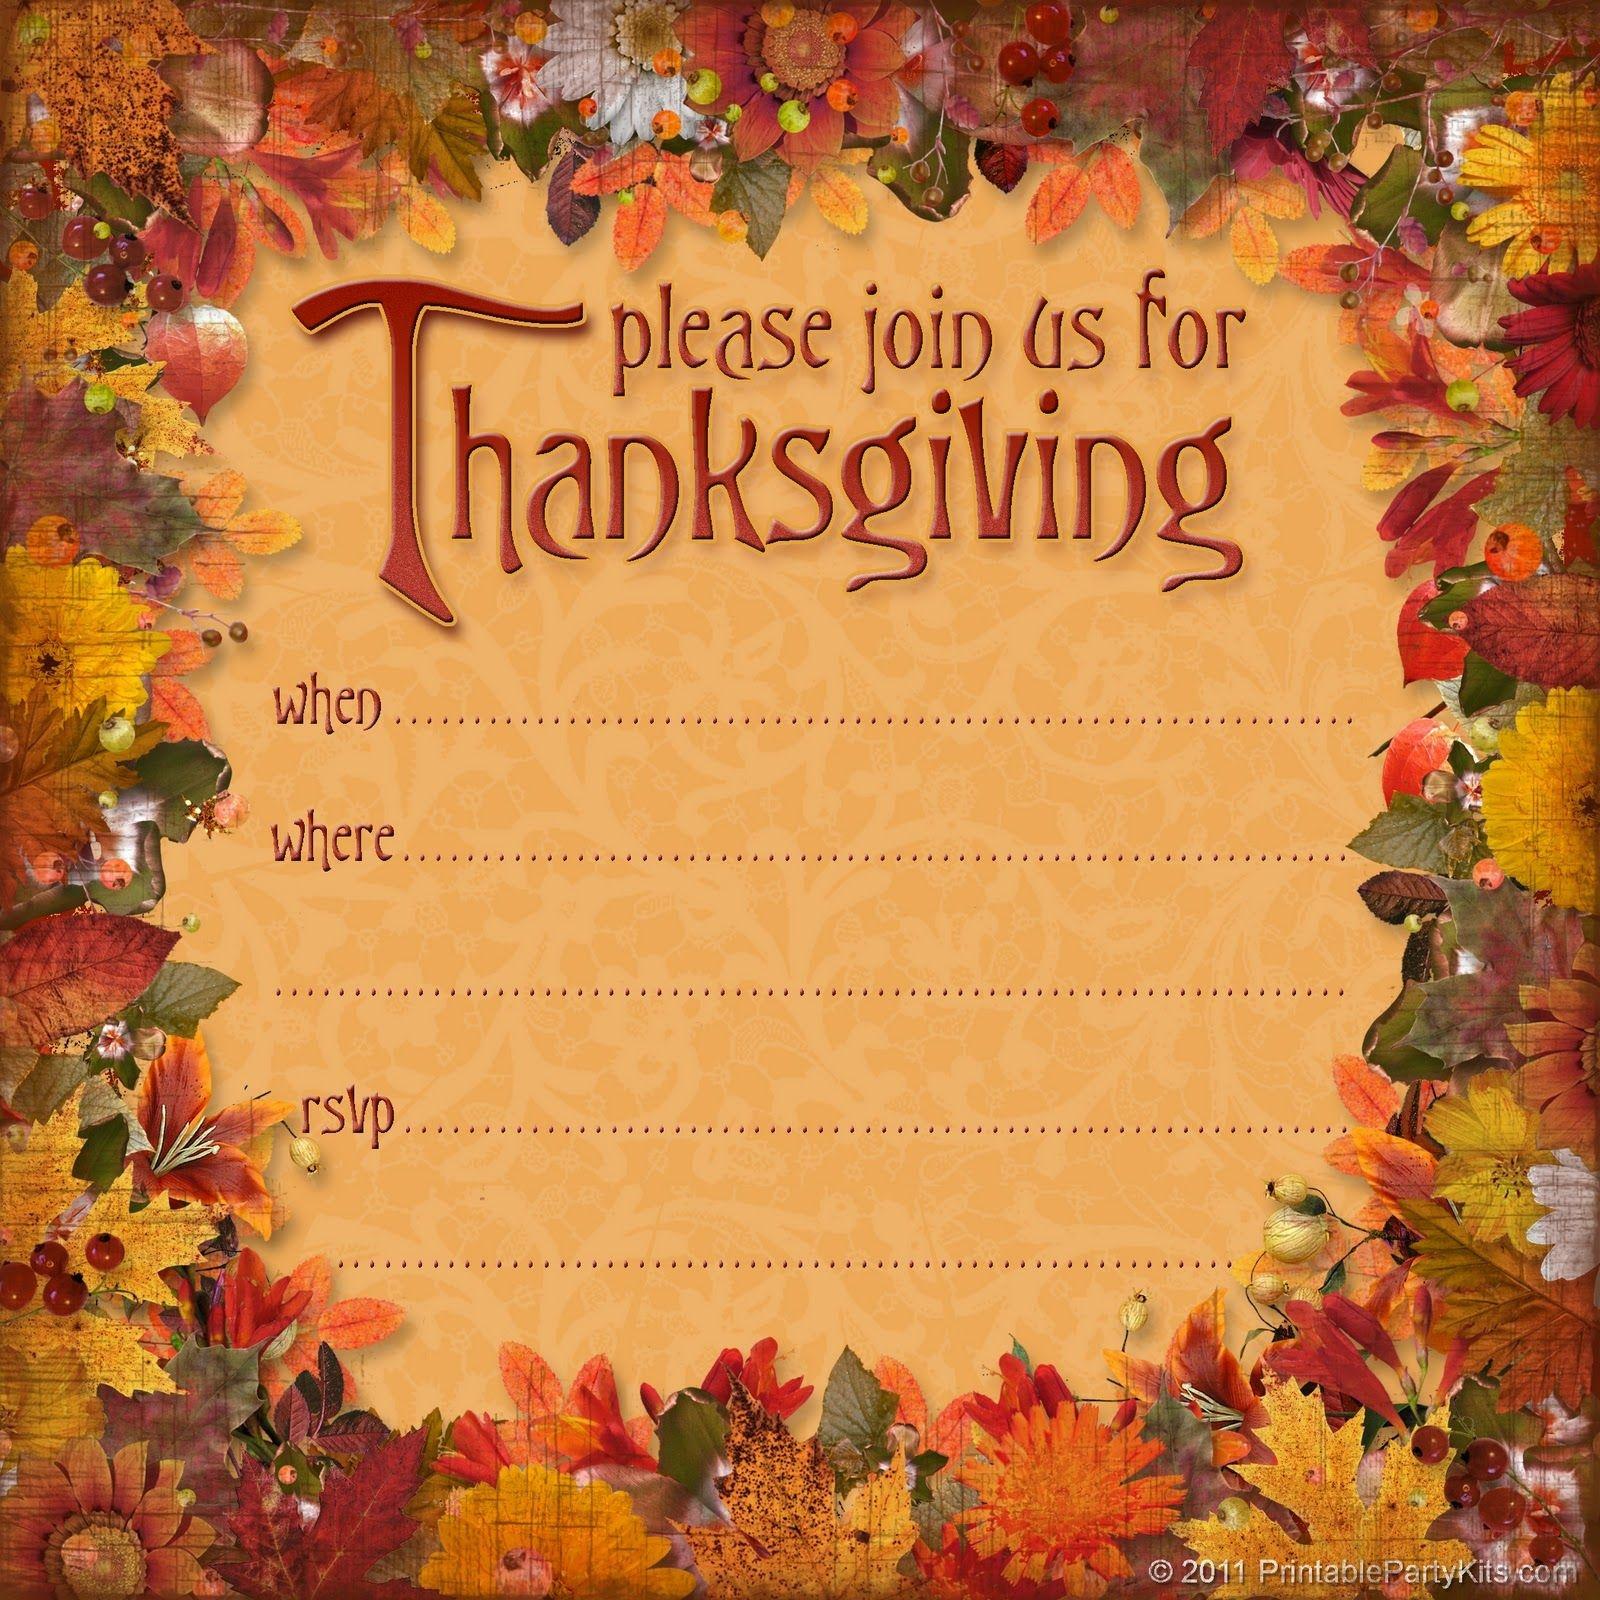 Free Thanksgiving Dinner Invitation | Thanksgiving | Thanksgiving - Free Printable Thanksgiving Dinner Invitation Templates